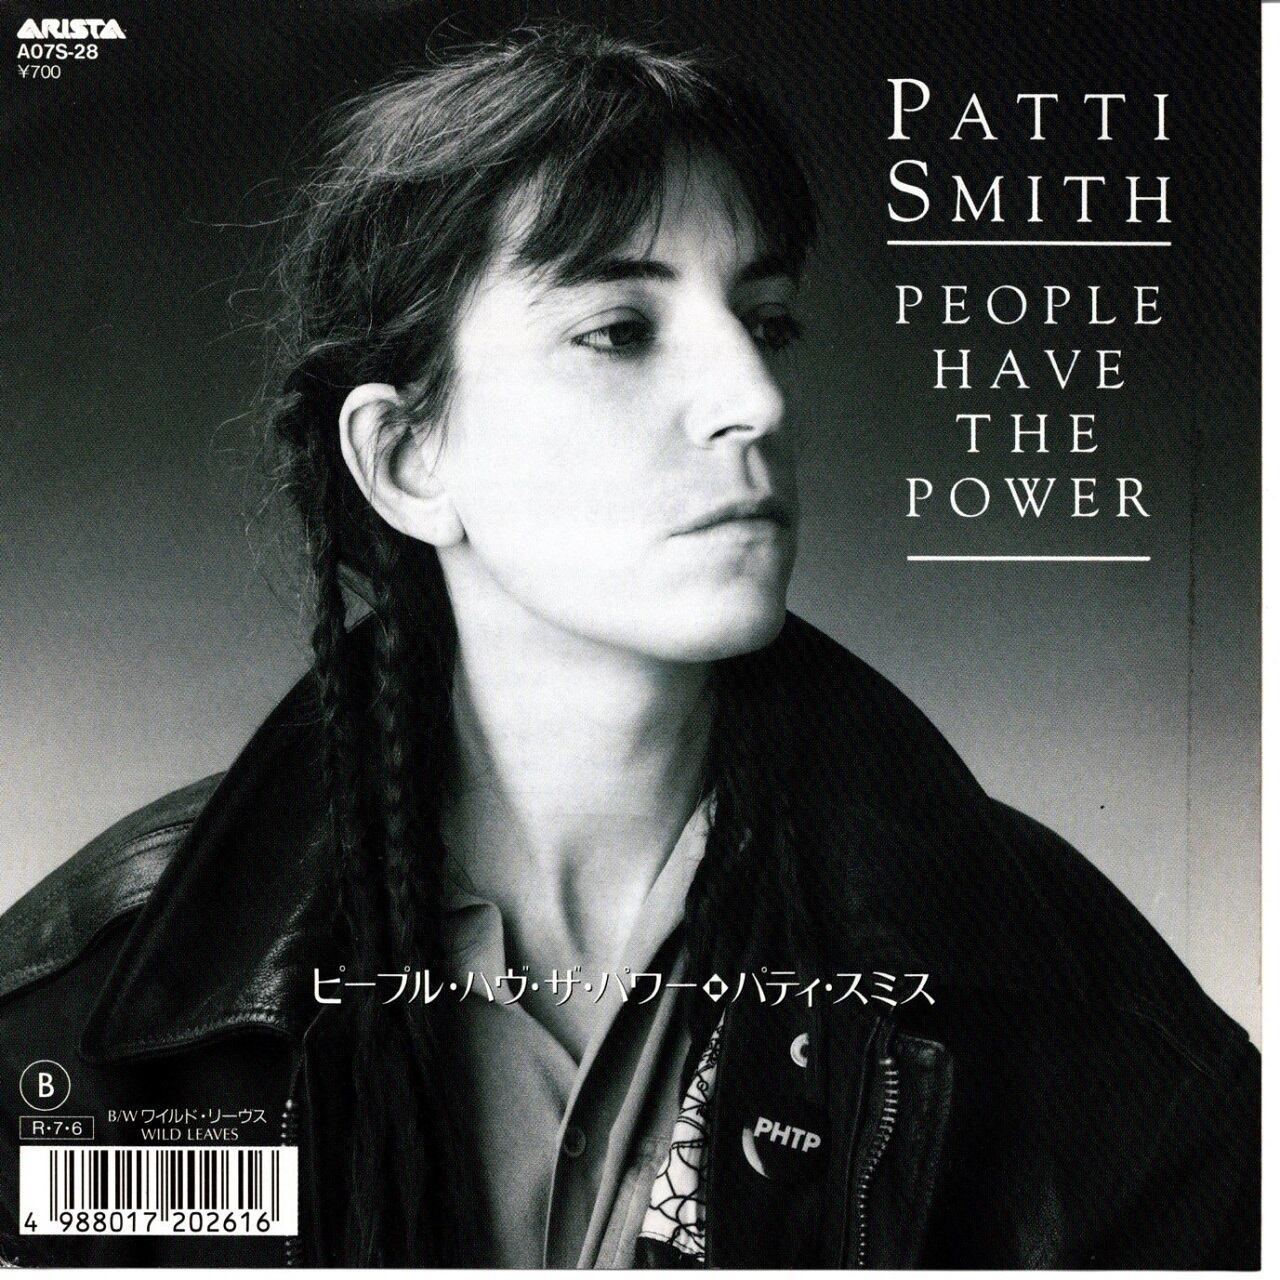 【7inch・国内盤】パティ・スミス  /  ピープル・ハヴ・ザ・パワー